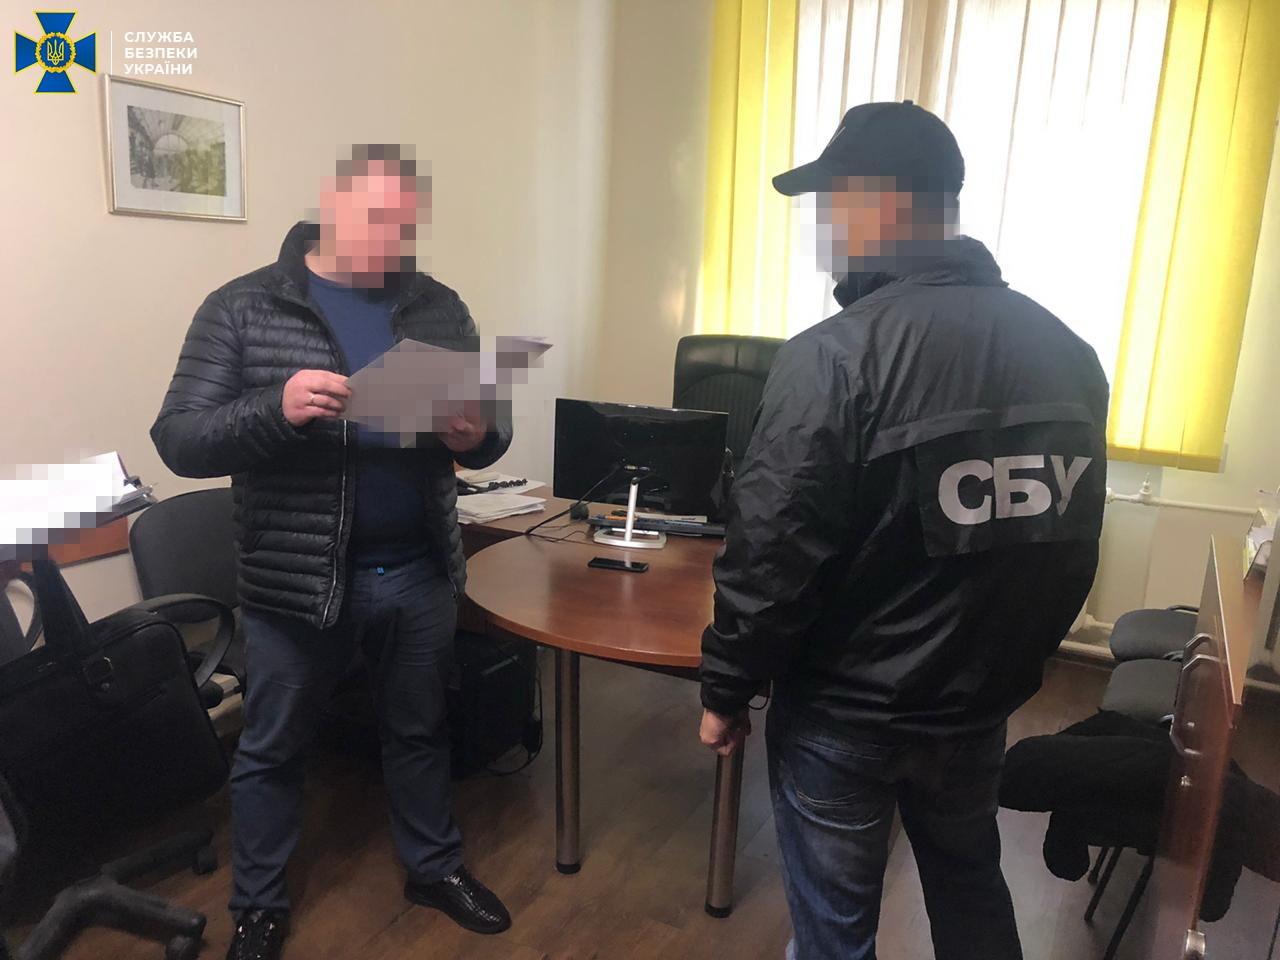 """На """"Львівську залізницю"""" постачали неякісні запчастини з Росії. Читайте на  UKR.NET"""